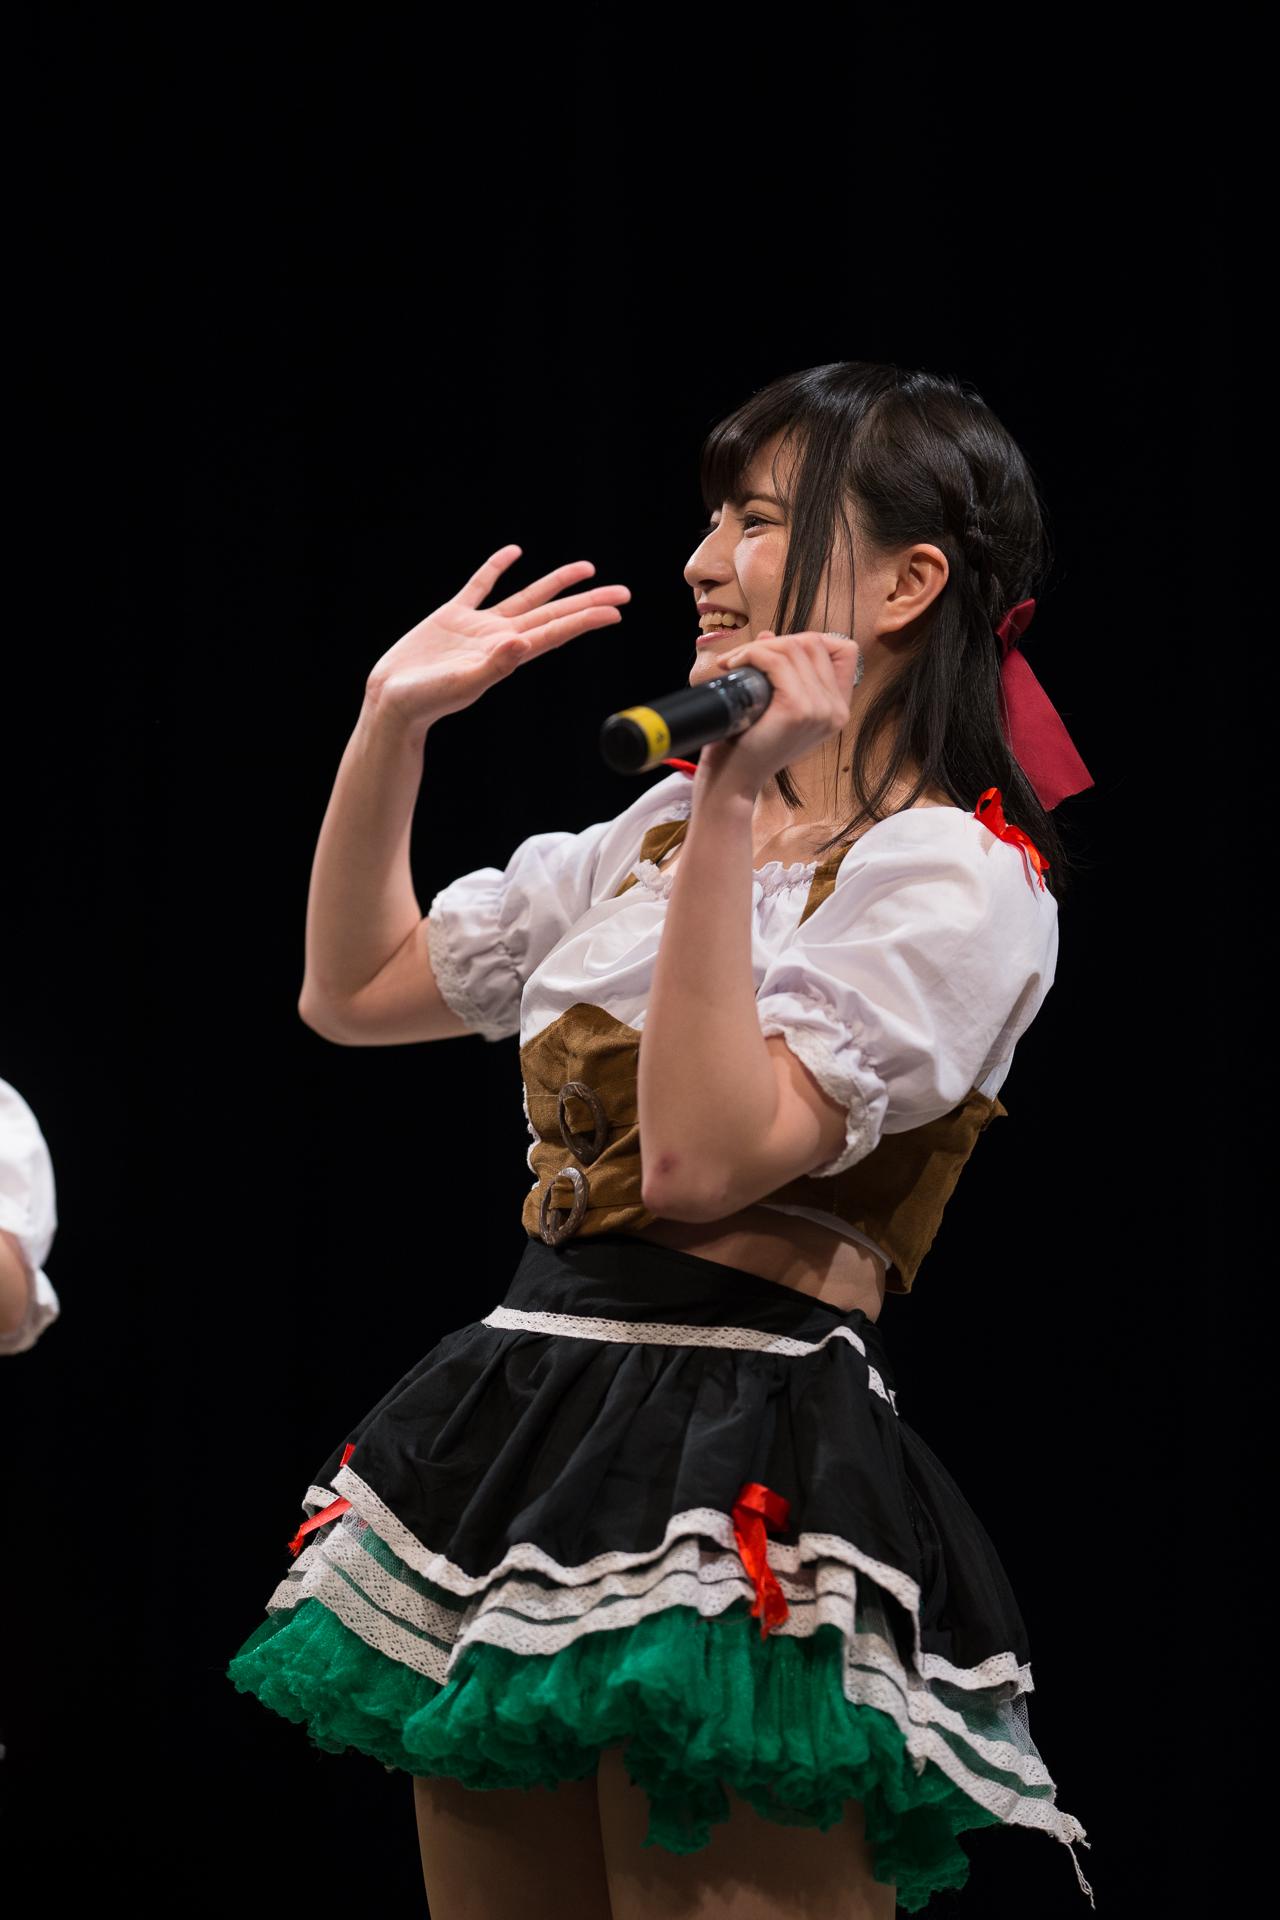 2代目HAPPY少女♪ あゆみ ( 新谷亜由美 ) | ウイングベイ小樽ヲタル座